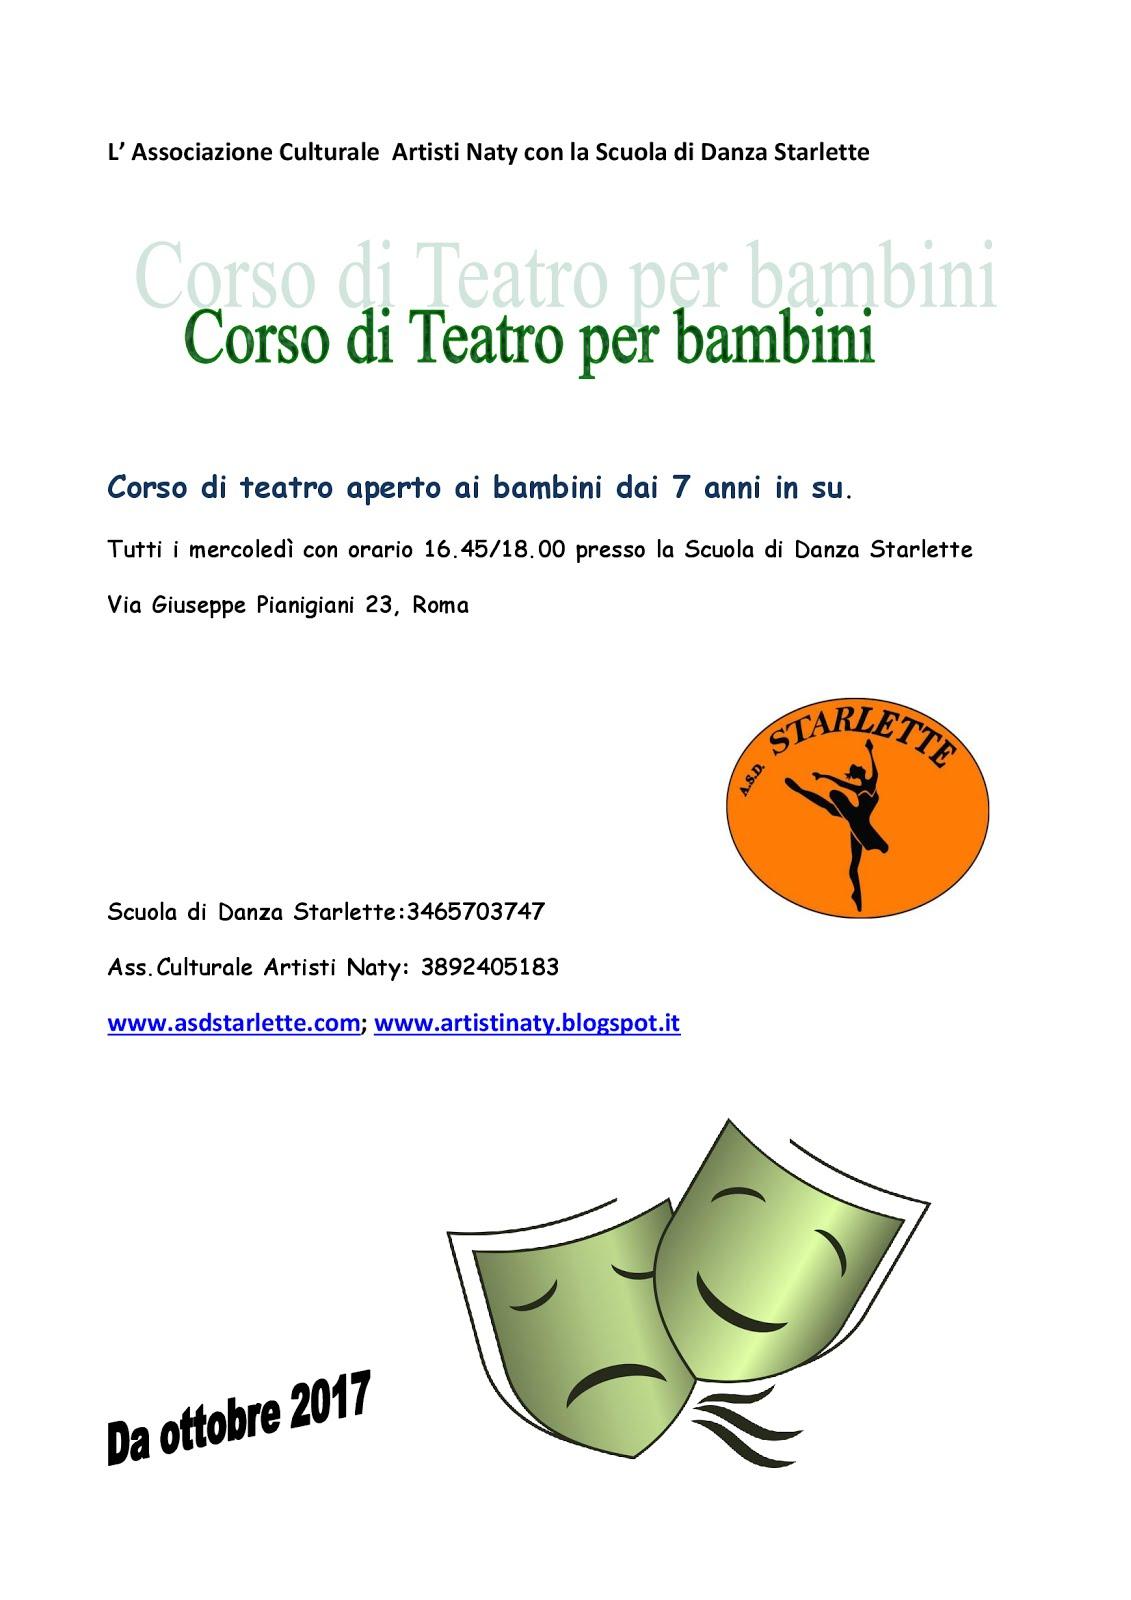 CORSO DI TEATRO PER I BAMBINI DAI 7 ANNI IN SU, ROMA